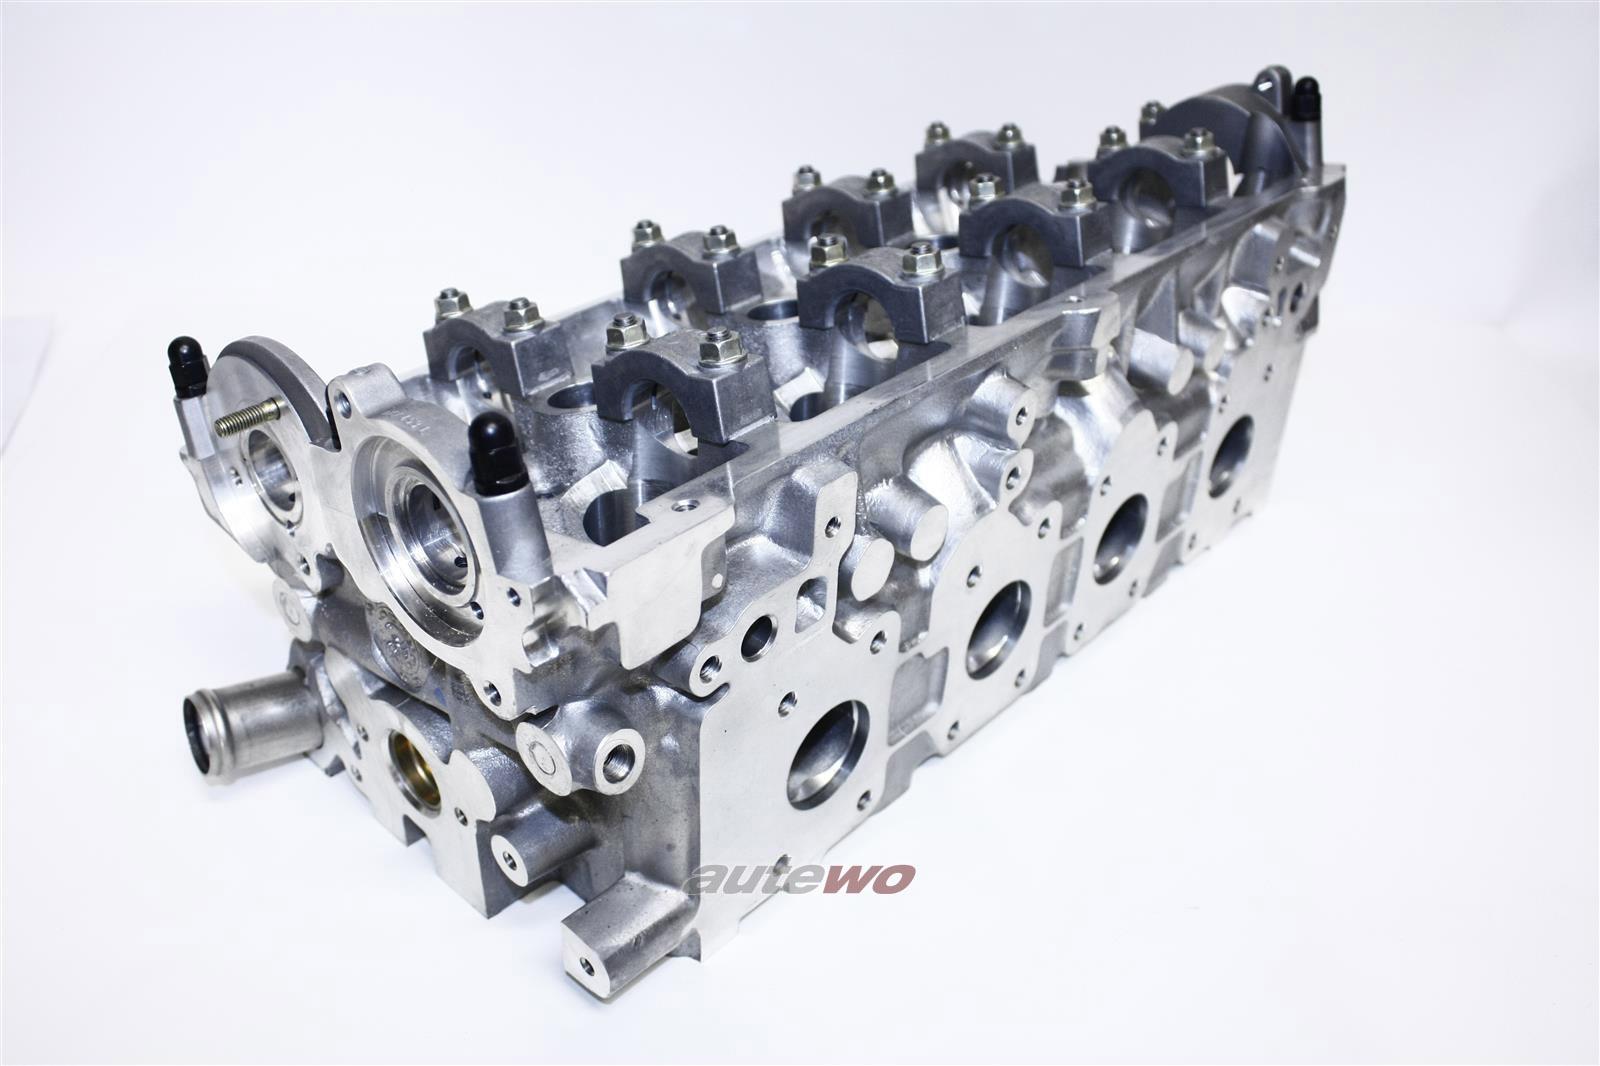 077103351K 077103373AE NEU Audi S6+ C4/S8 D2 4.2l 8 Zyl. Zylinderkopf Rechts